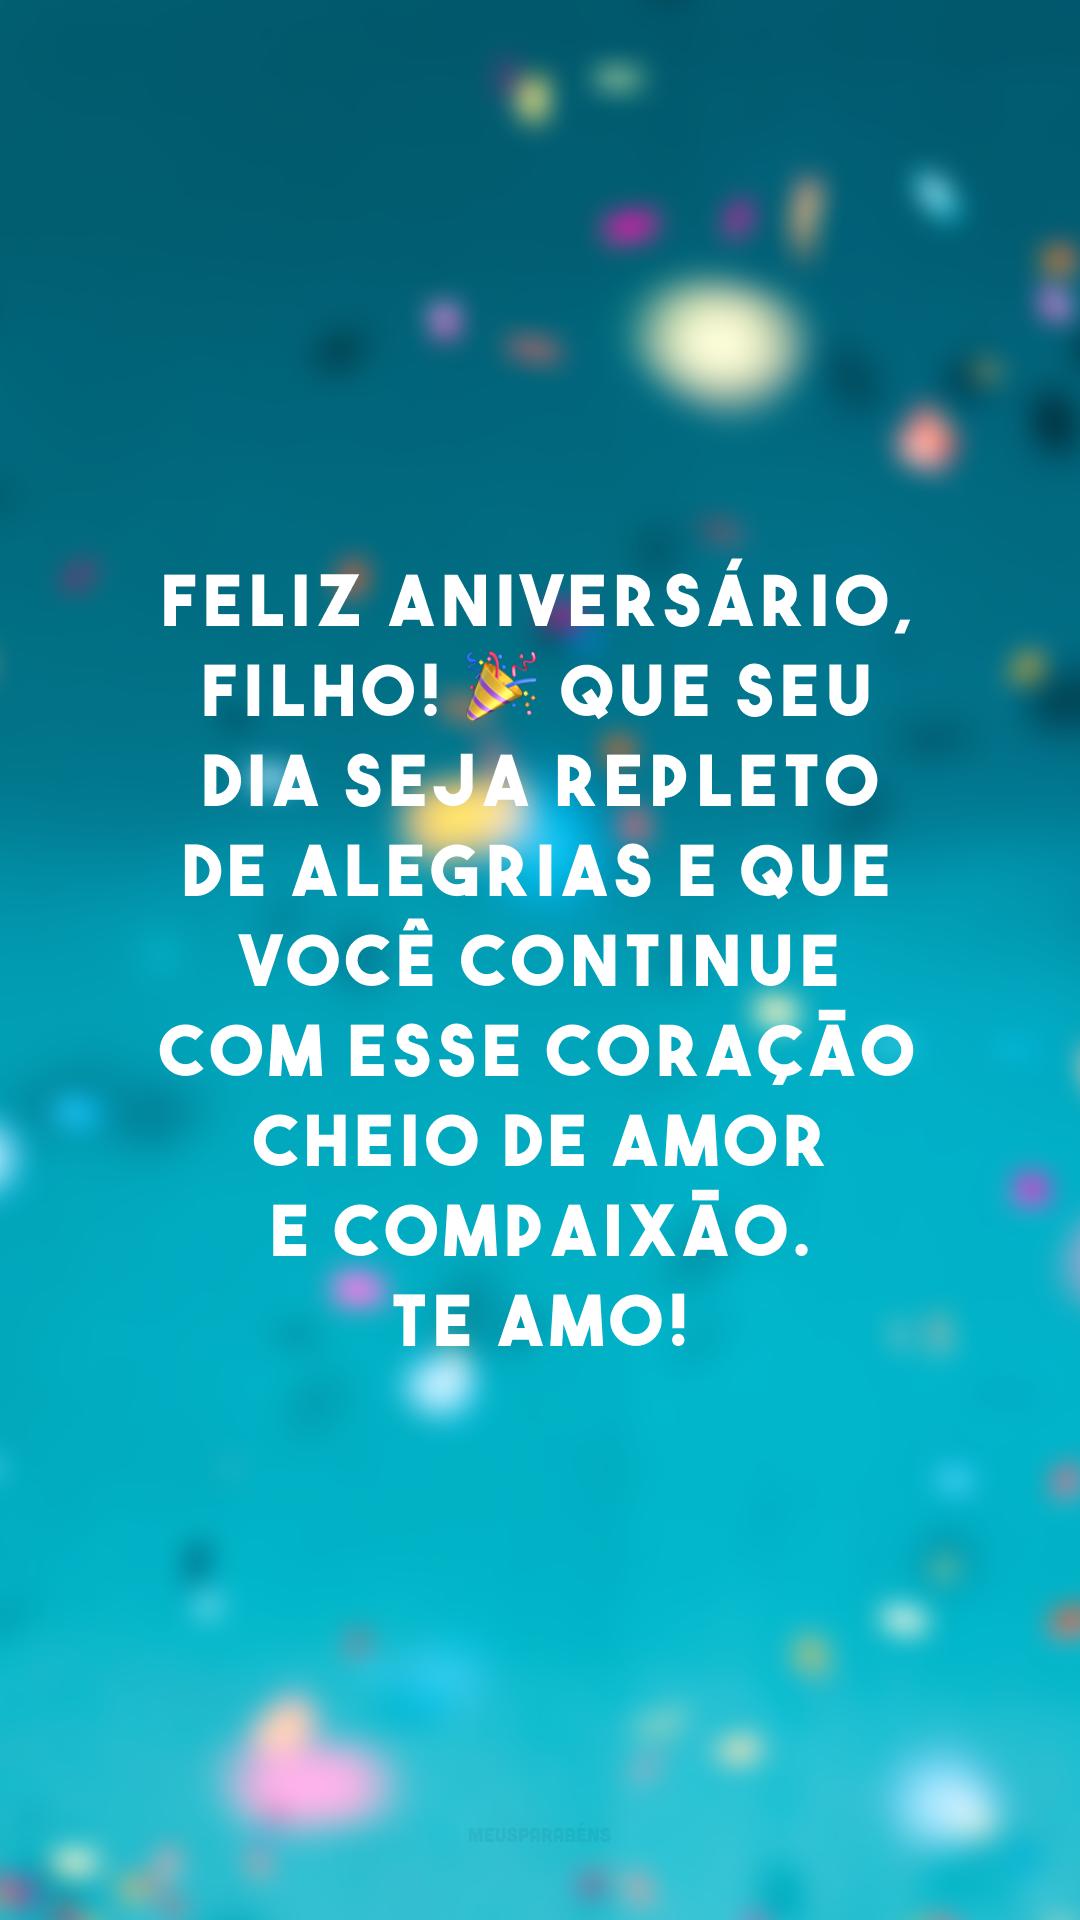 Feliz aniversário, filho! 🎉 Que seu dia seja repleto de alegrias e que você continue com esse coração cheio de amor e compaixão. Te amo!